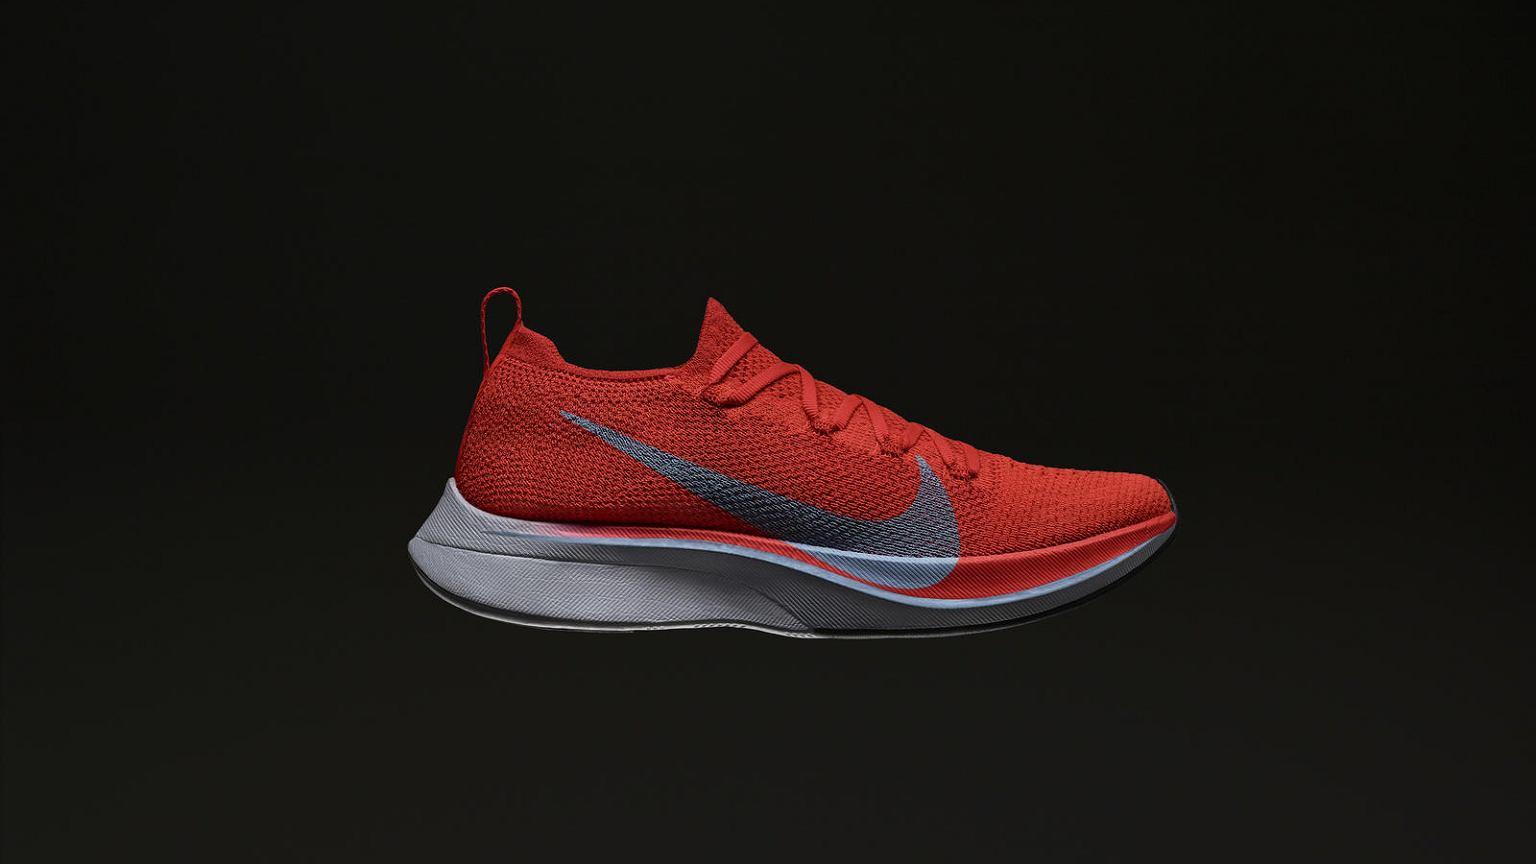 Nike Zoom Vaporfly 4% Flyknit i Nike Zoom Fly Flyknit nowe